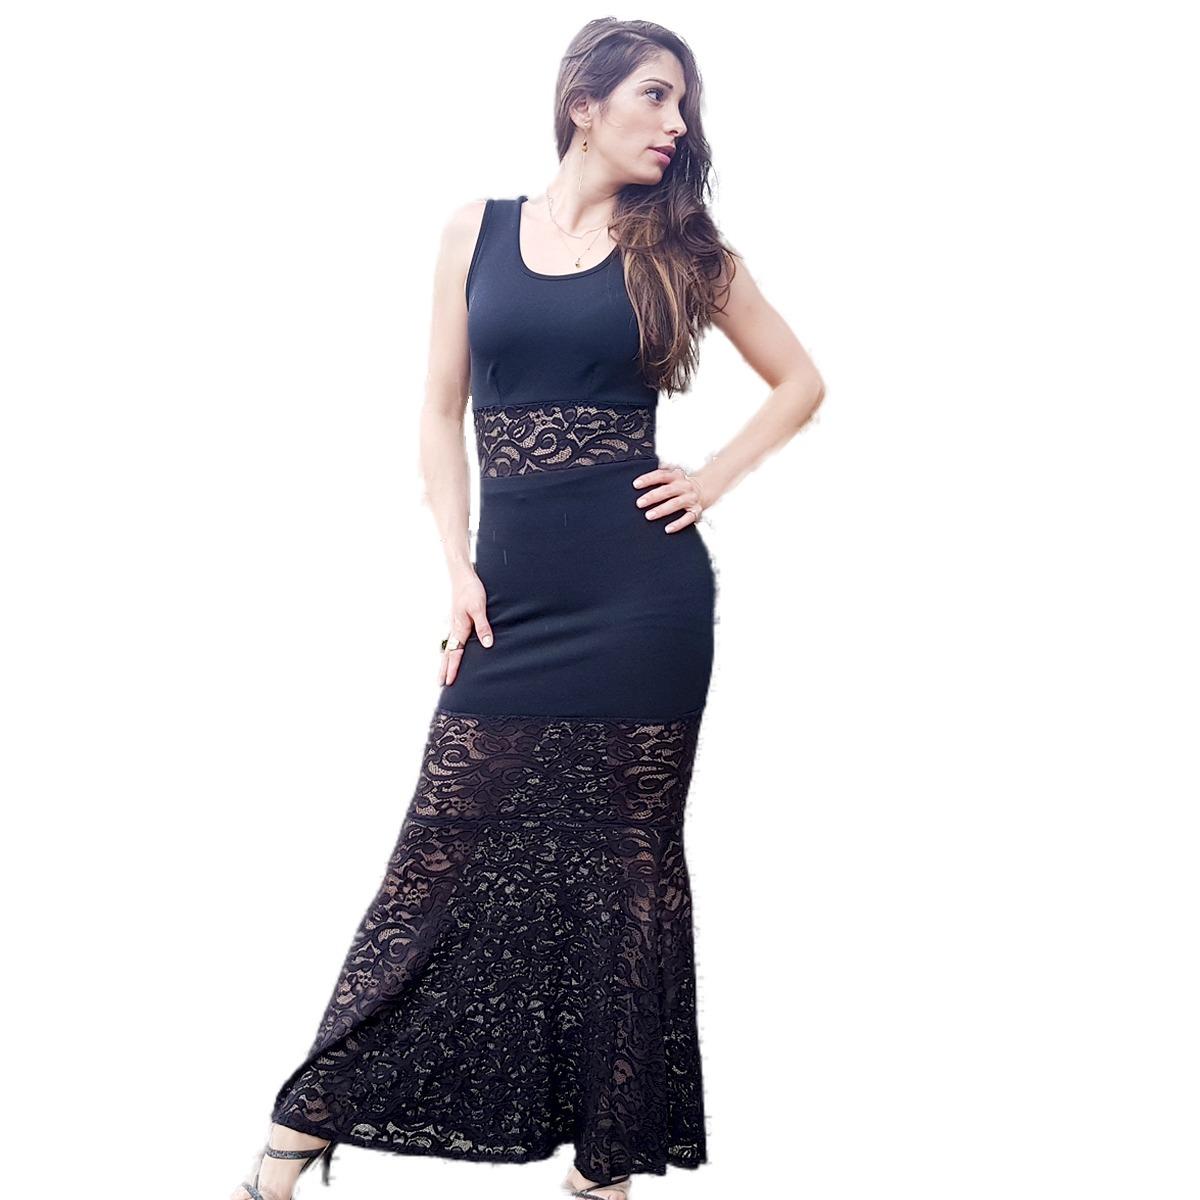 16b620b9a vestido feminino longo de festa renda e malha crepe promoção. Carregando  zoom.